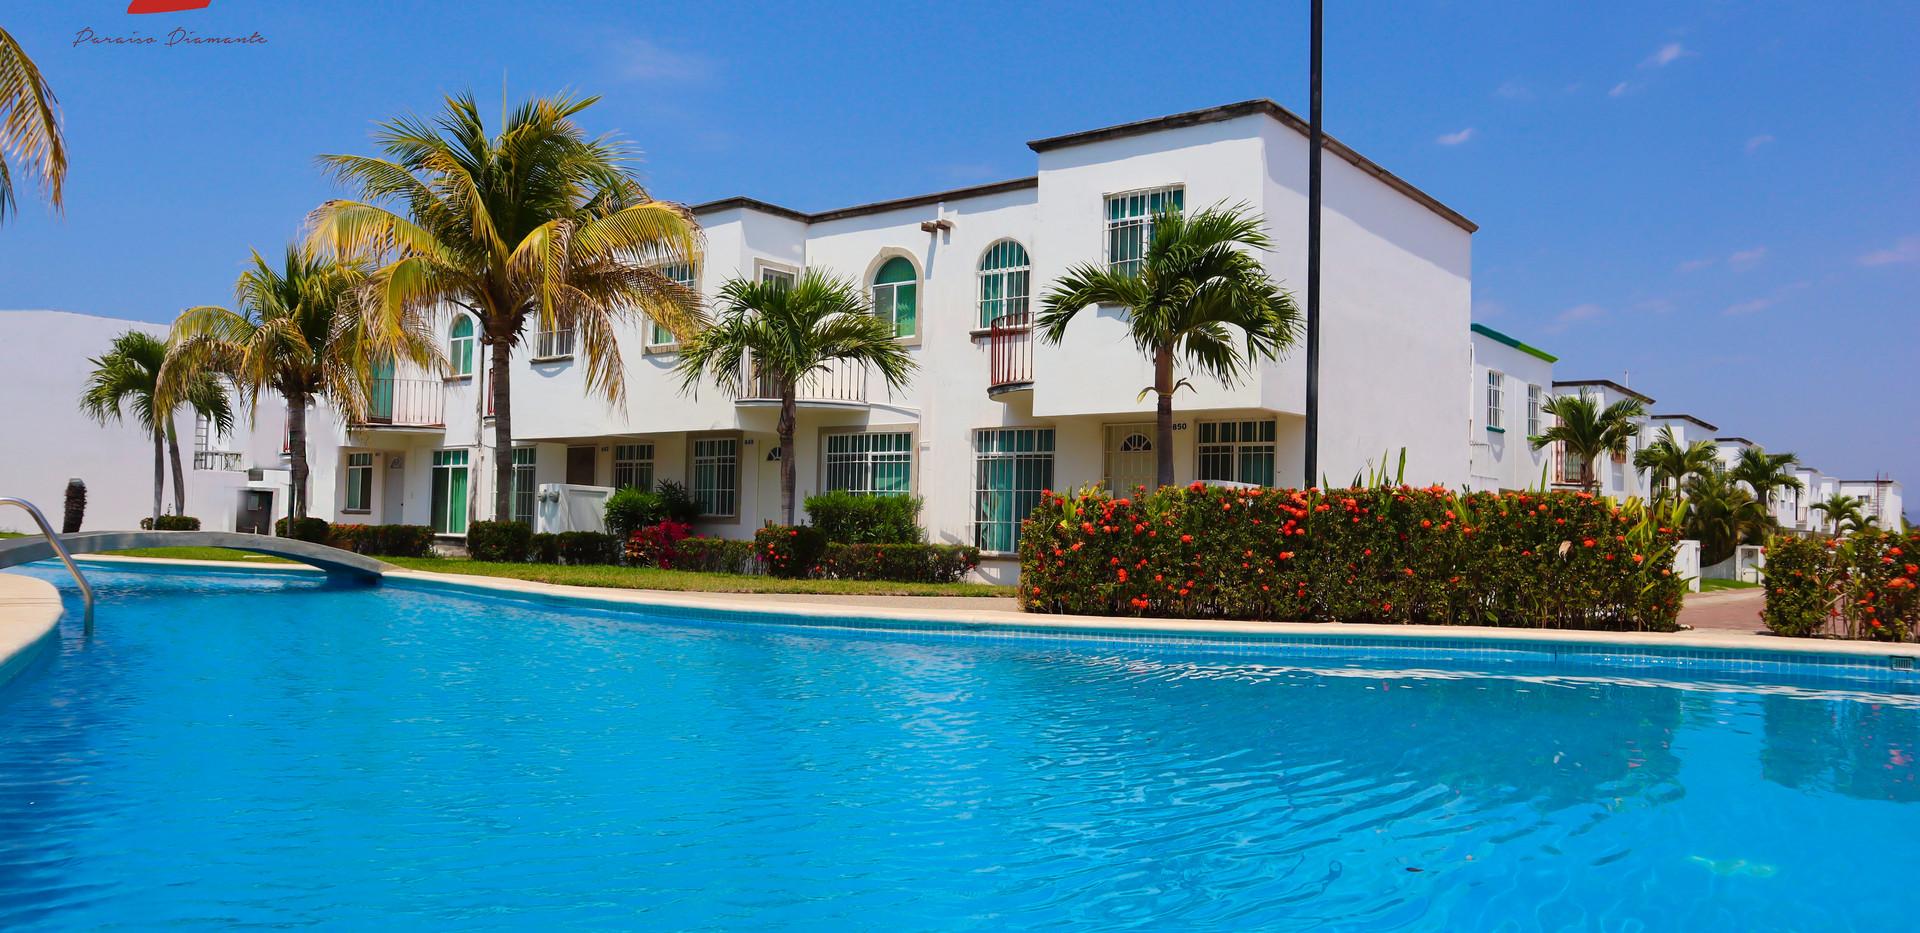 amenities-acapulco.jpg